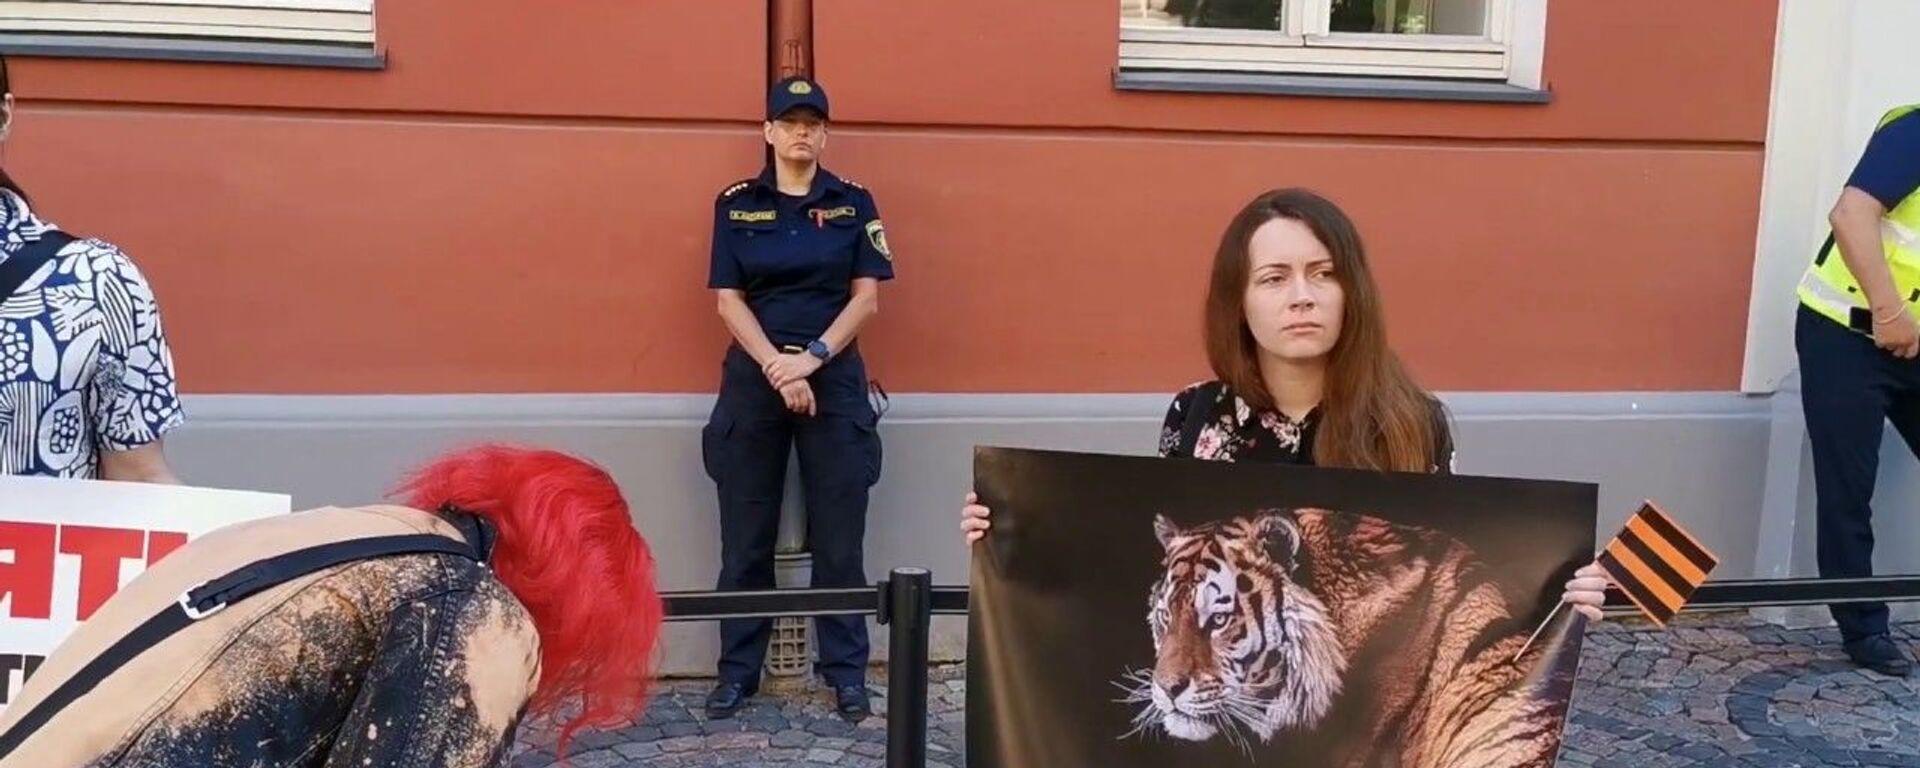 К Сейму Латвии вышли протестующие с георгиевскими лентами, требуя Запретить дураков - Sputnik Латвия, 1920, 18.06.2020